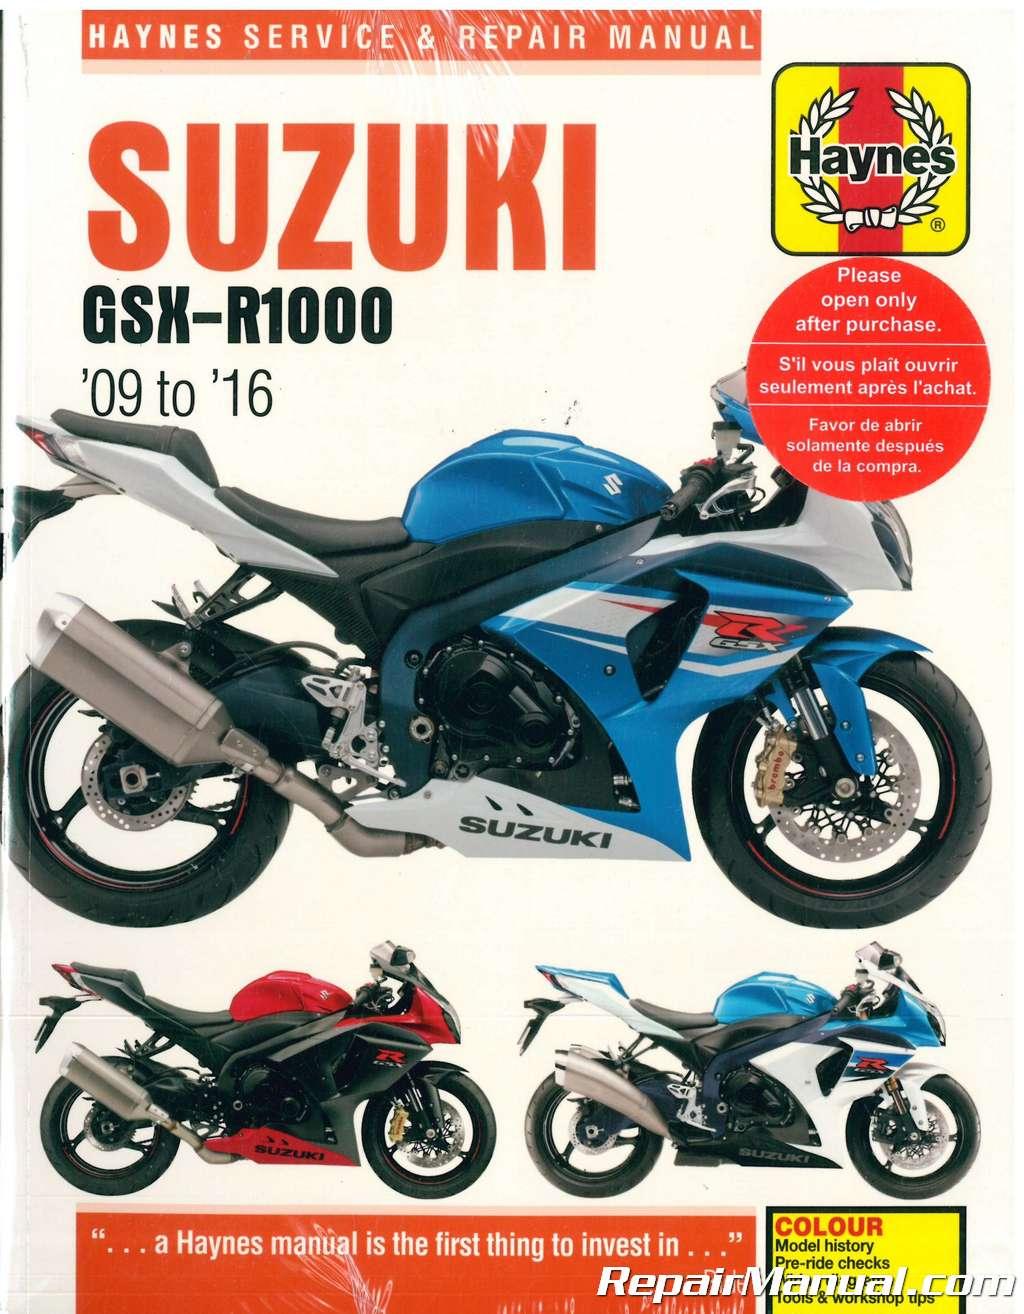 haynes suzuki gsx r1000 2009 2016 motorcycle repair manual rh repairmanual com Motorcycle and Small Engine Repair 1979 Suzuki GS550